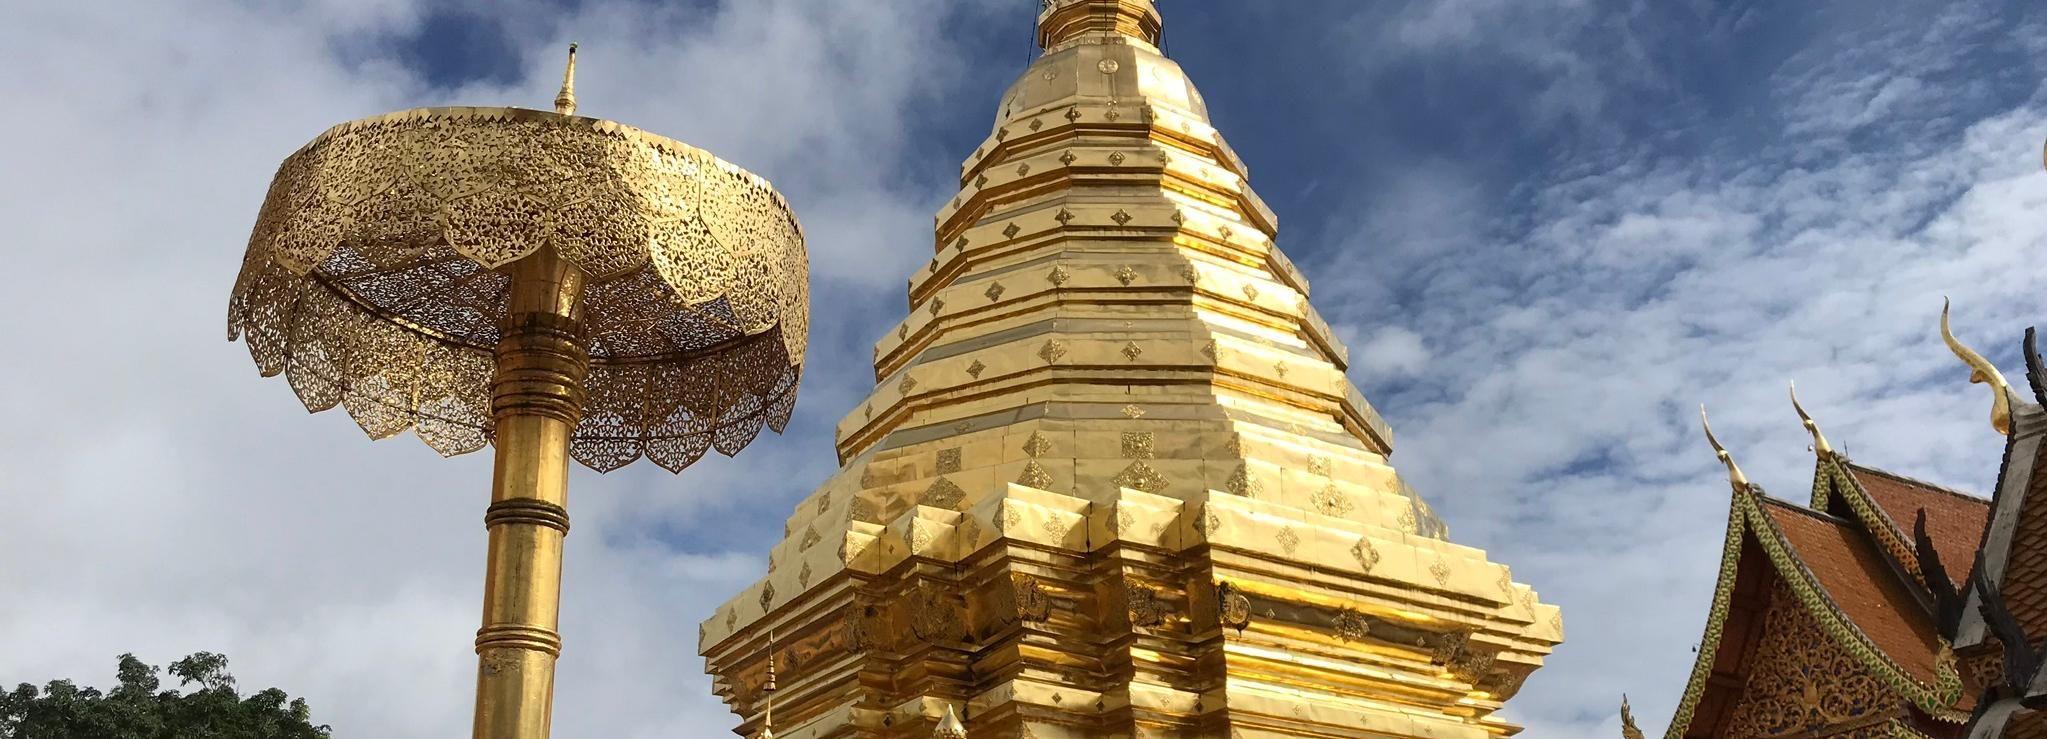 Chiang Mai: excursión de un día a Doi Suthep y al Parque Nacional Inthanon